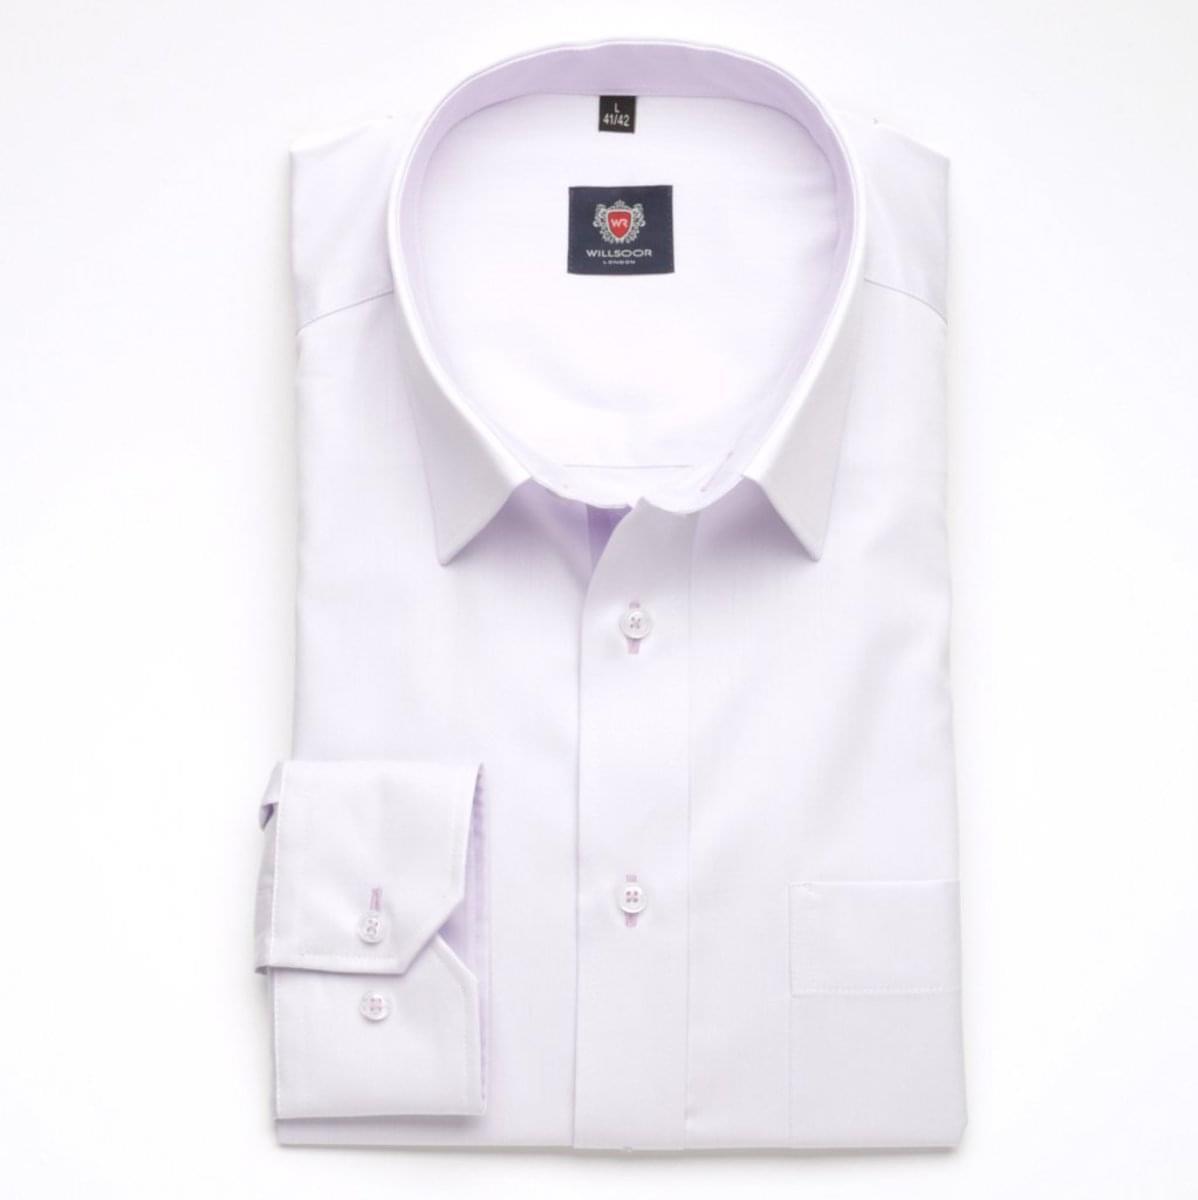 Pánská klasická košile London (výška 176-182) 5953 ve fialkové barvě s formulí Easy Care 176-182 / L (41/42)